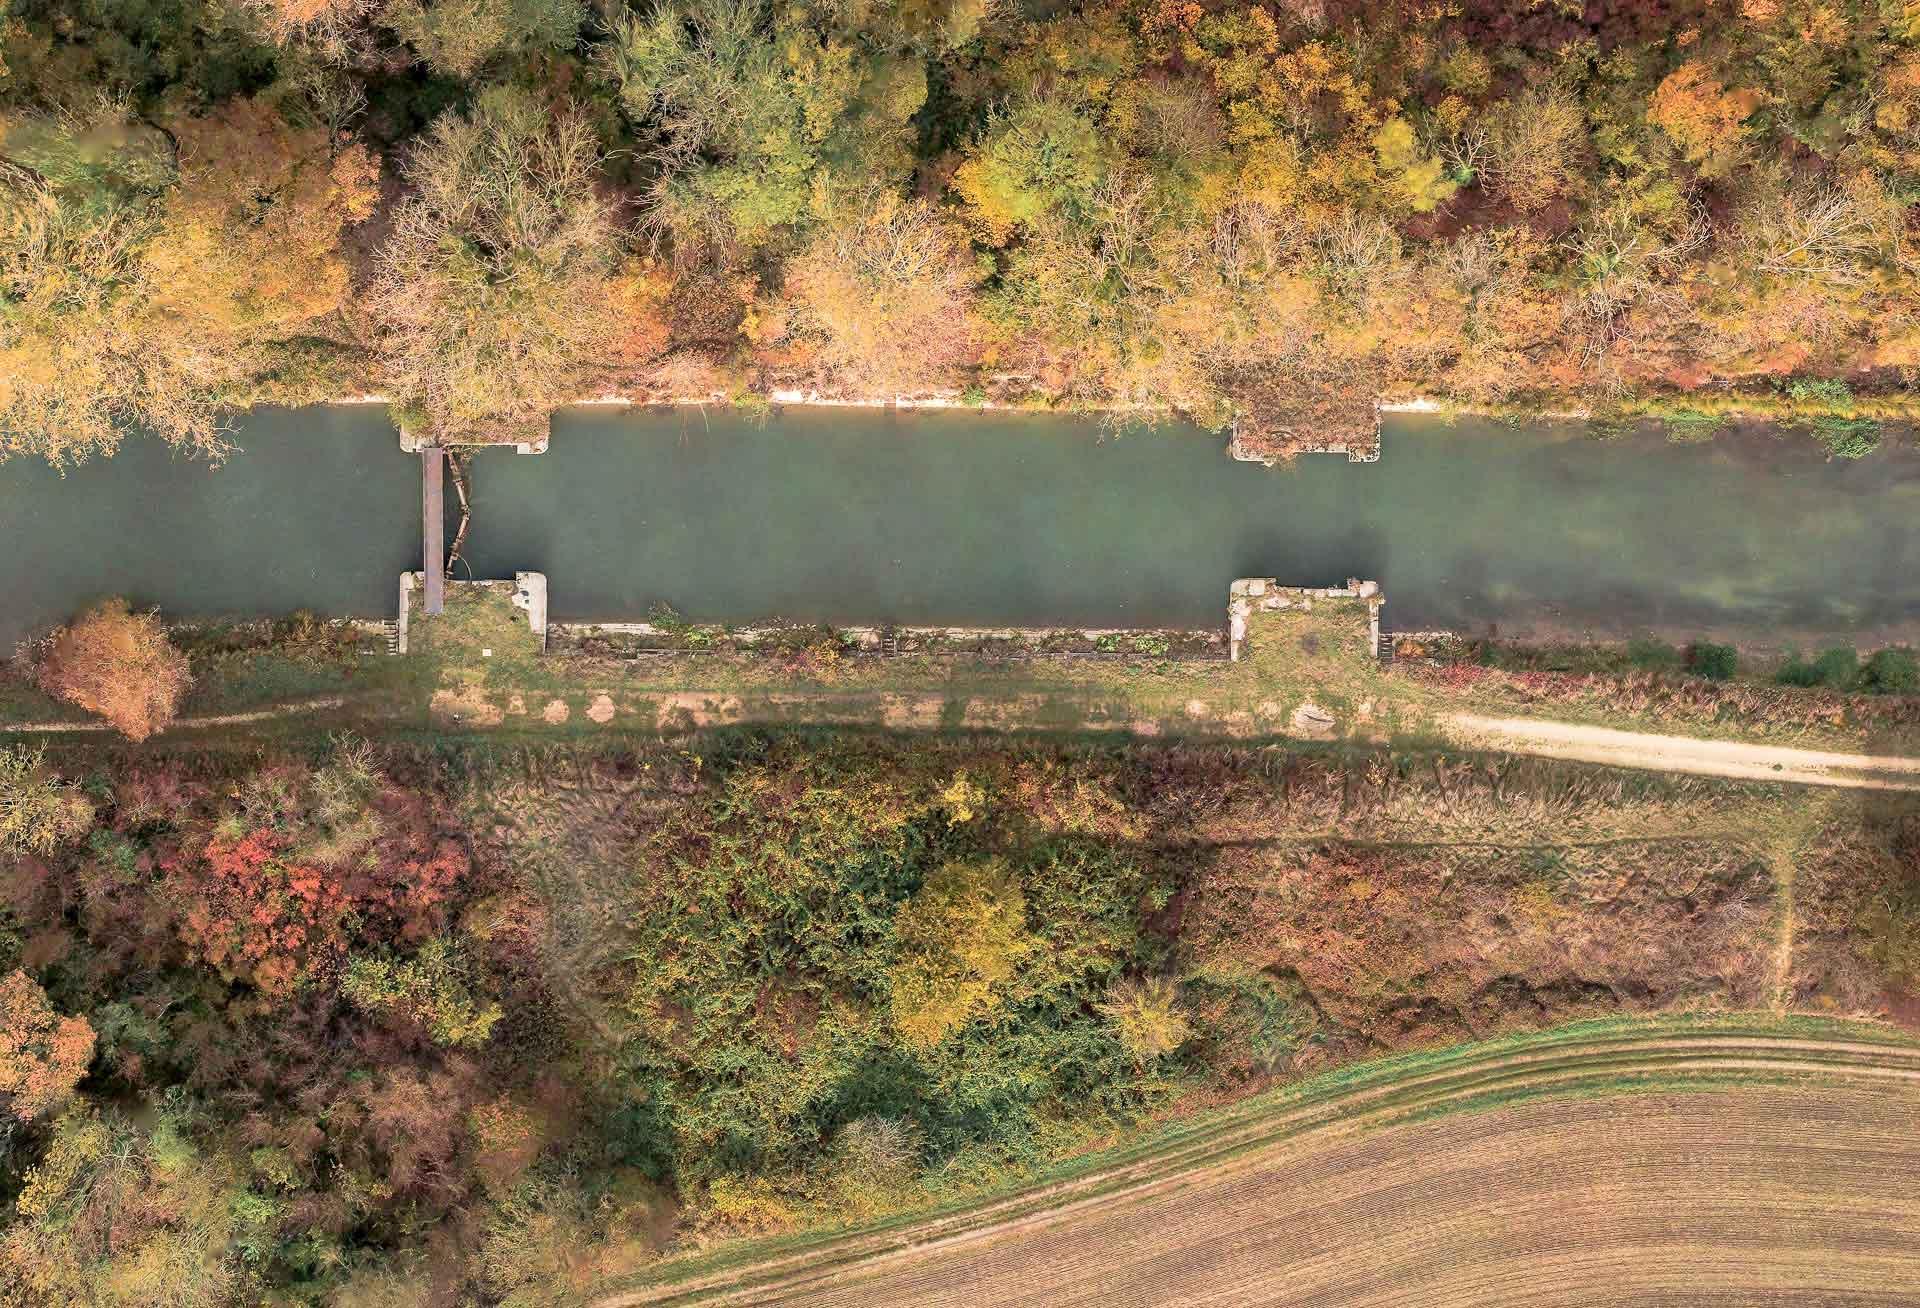 Inspections des canaux, rivières et plans d'eau - Précision < 5 cmAcquisition par drone spécialisé et accroissement de la précision par relevés de 20 cibles au sol au laser.Une bathymétrie est possible pour de faibles hauteurs d'eau